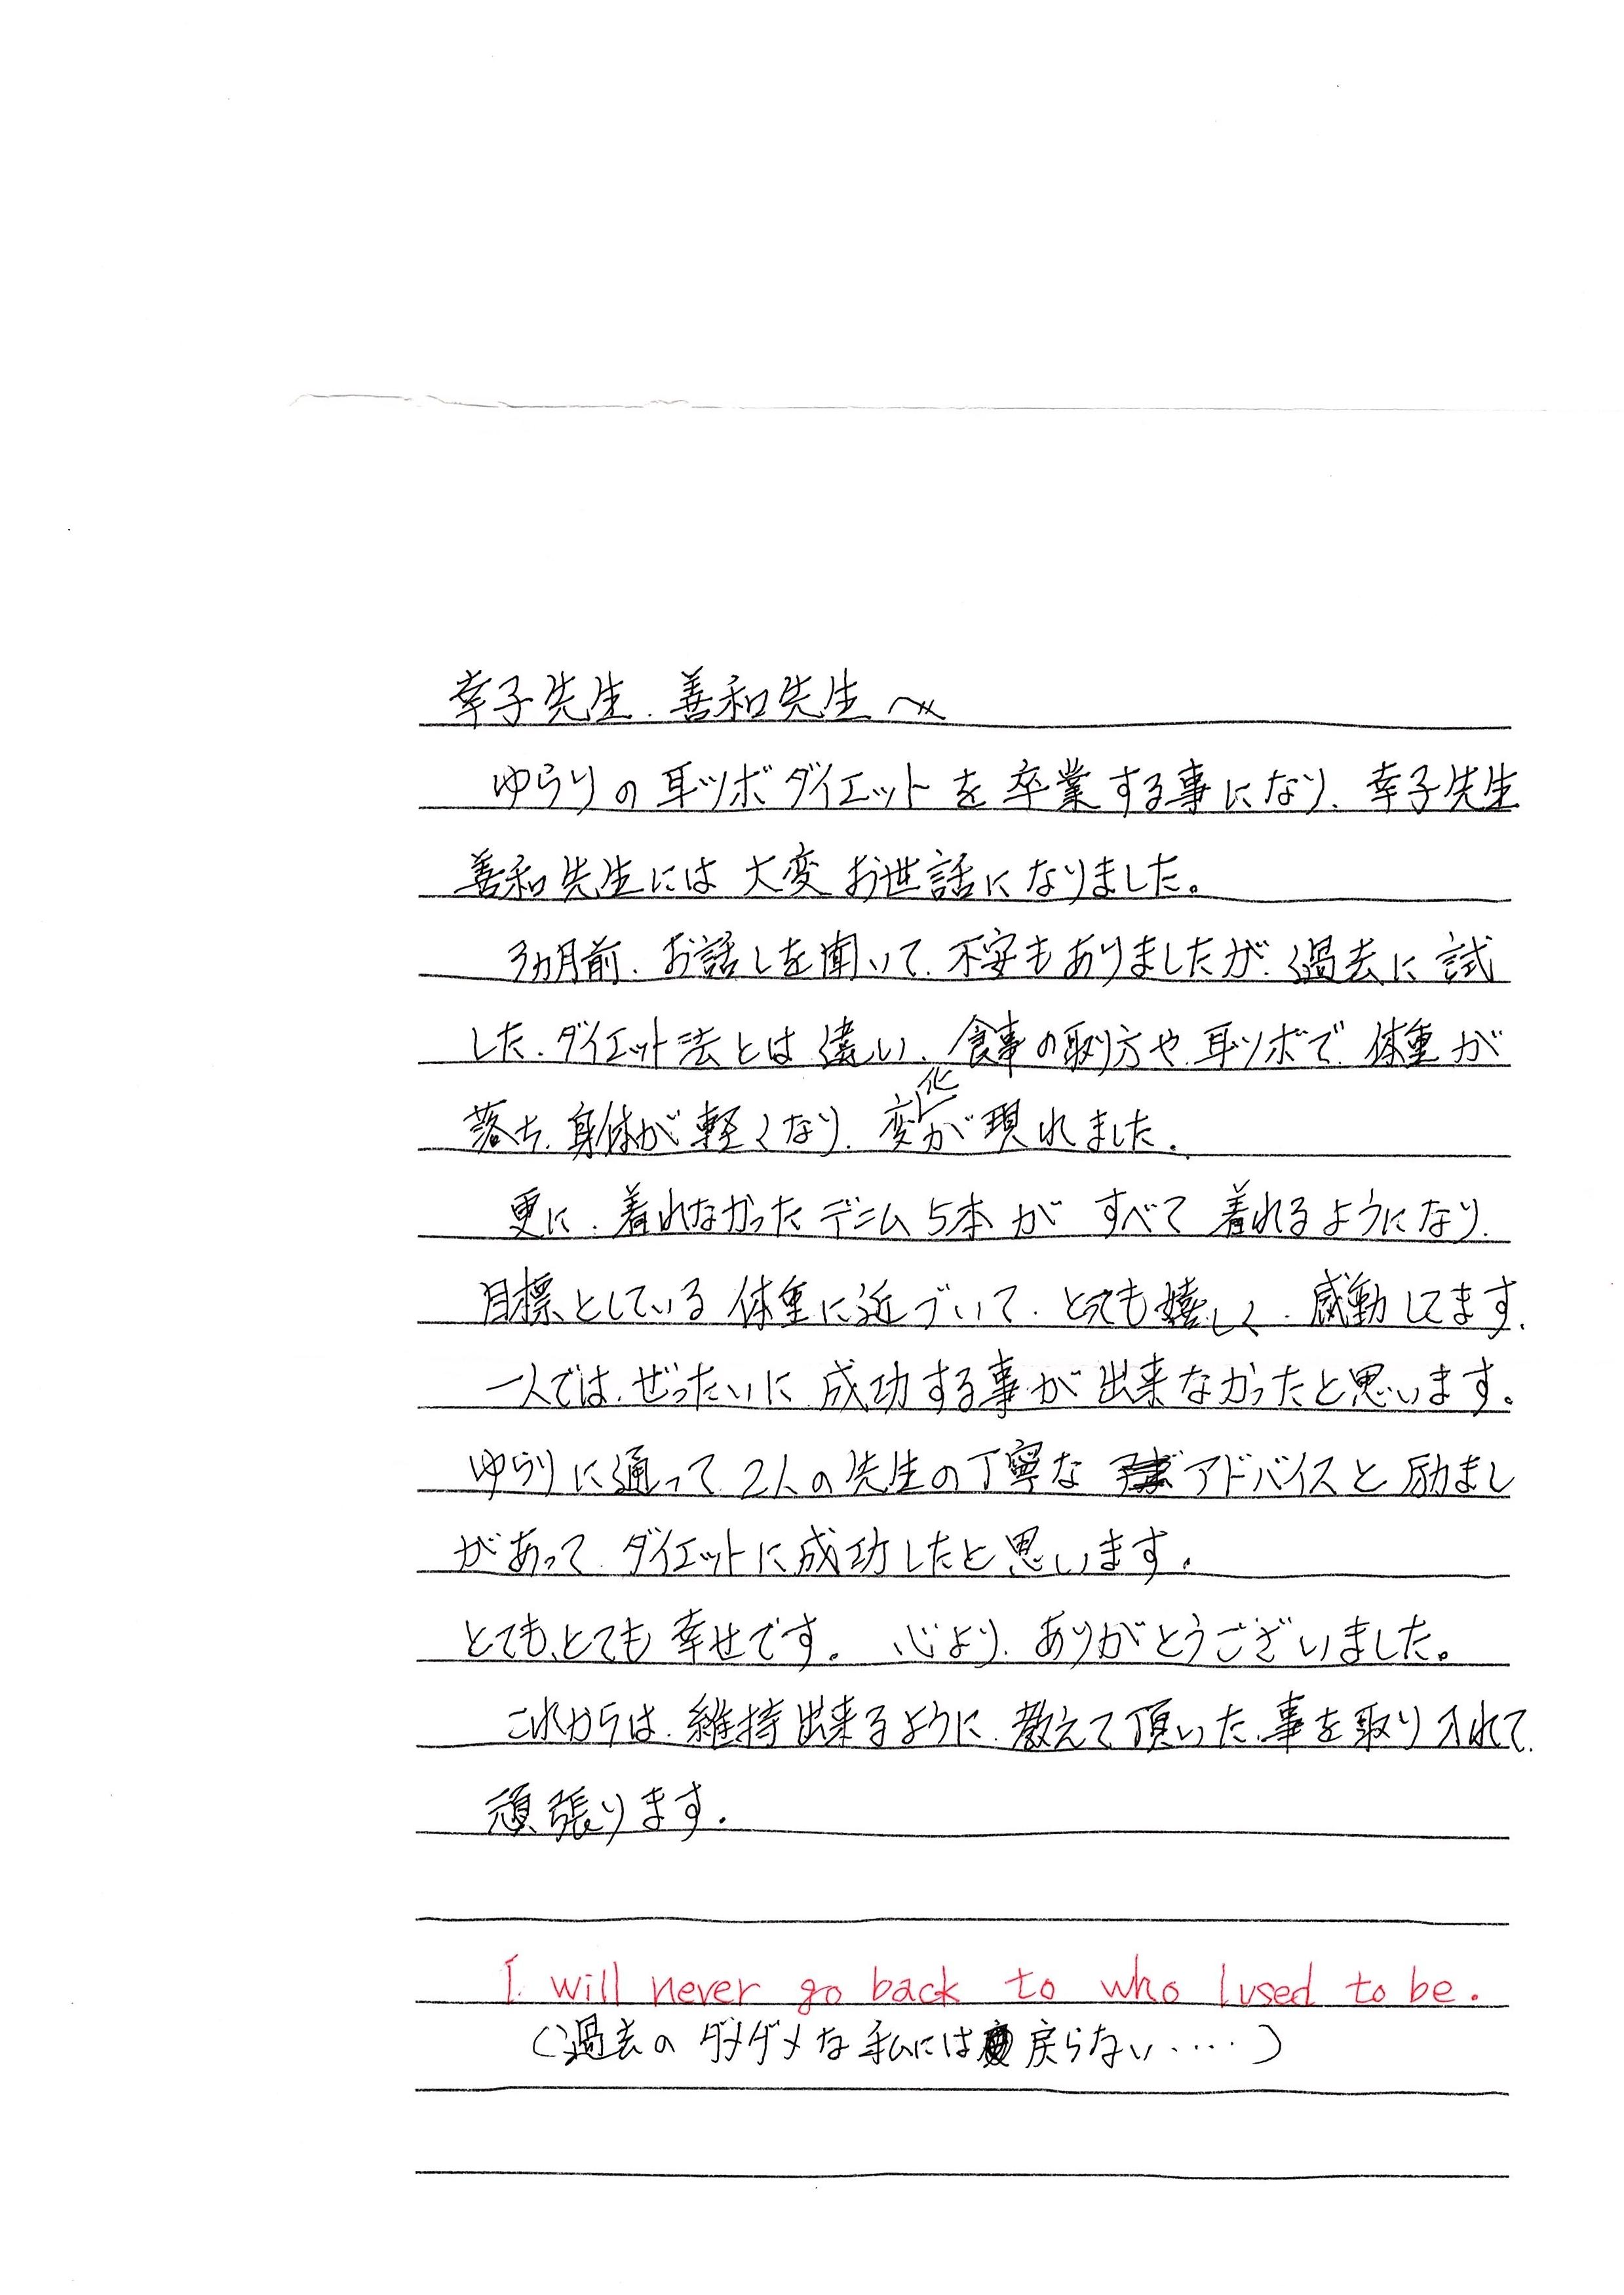 松茂良さん手紙